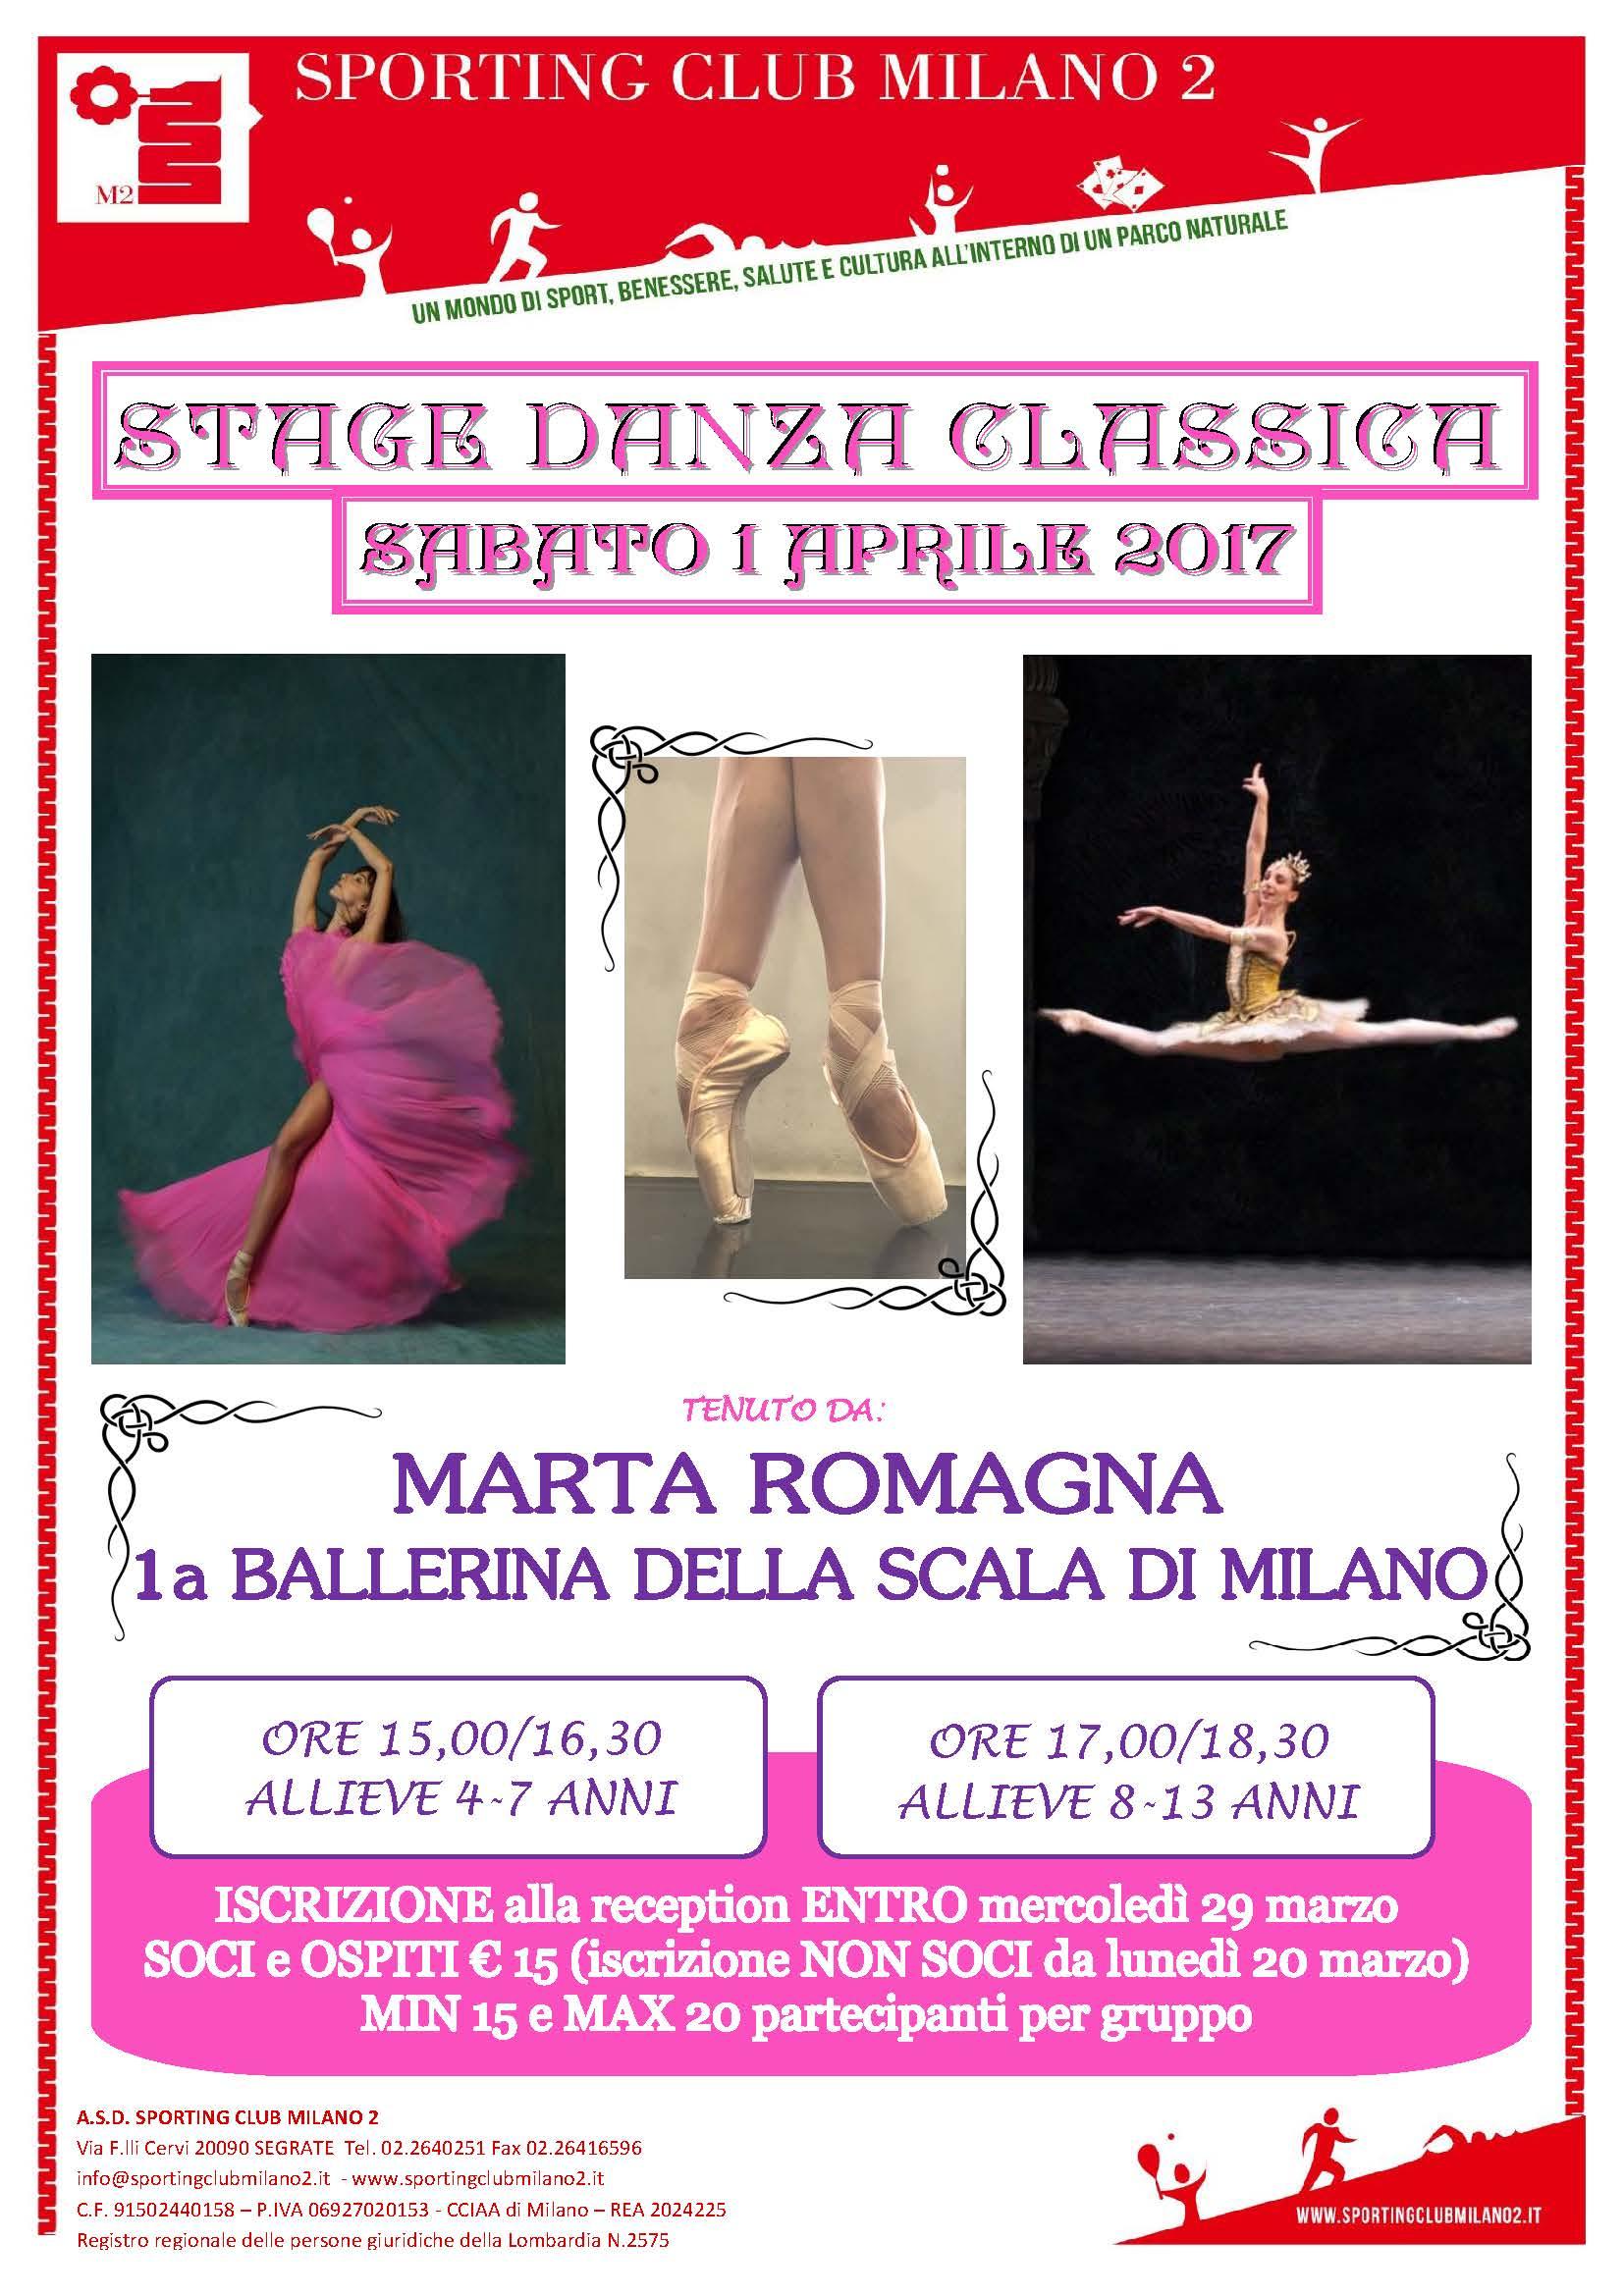 Sporting club milano 2 stage danza for Eventi milano aprile 2017